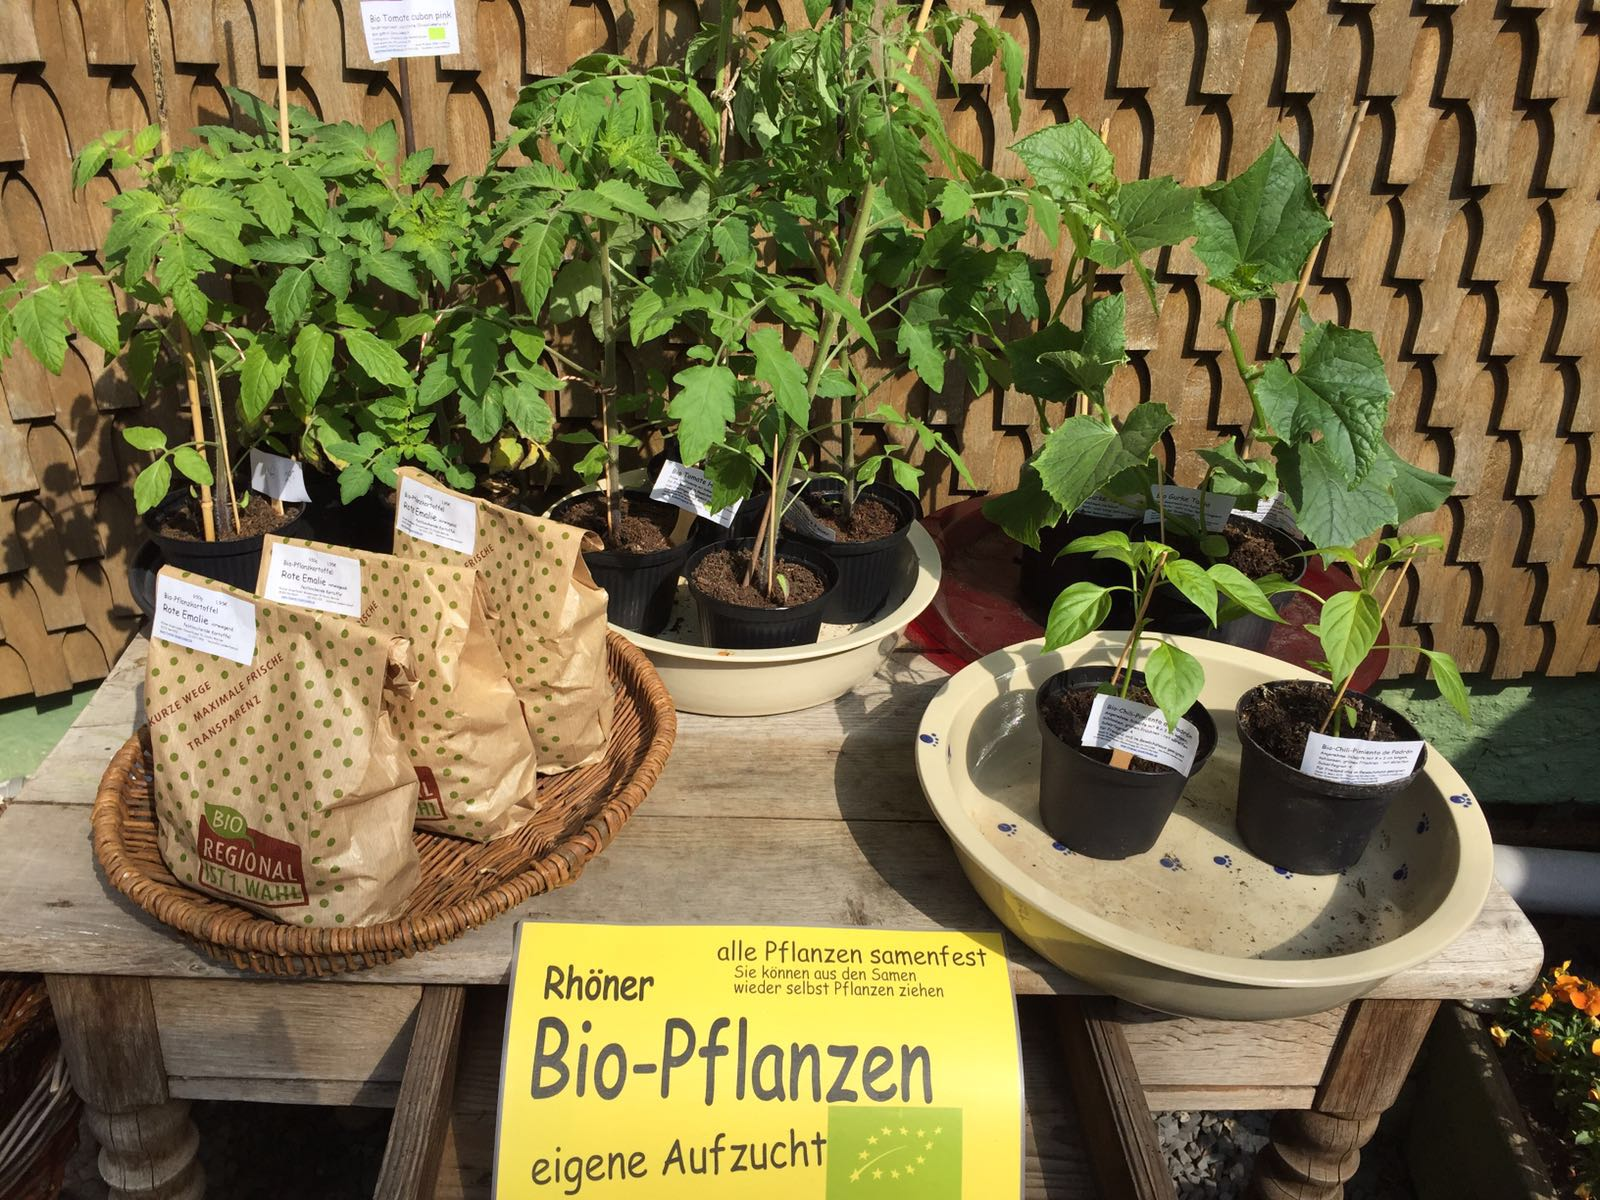 Biopflanzen aus eigenem Anbau